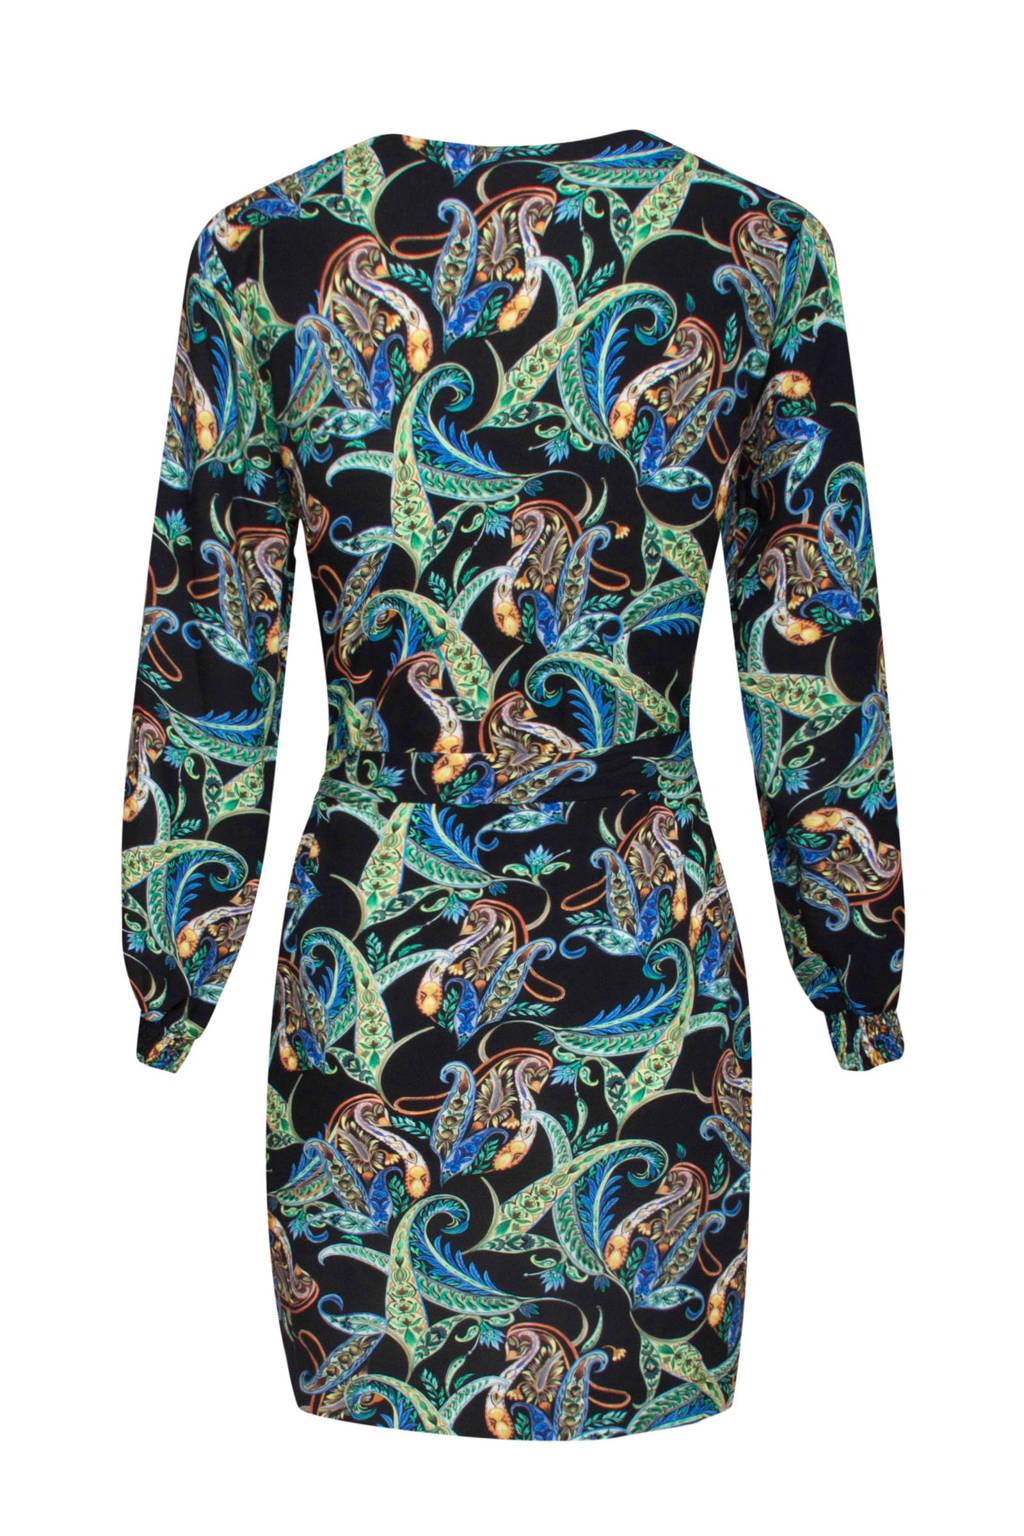 Smashed Lemon jurk met all over print zwart/blauw/groen, Zwart/blauw/groen